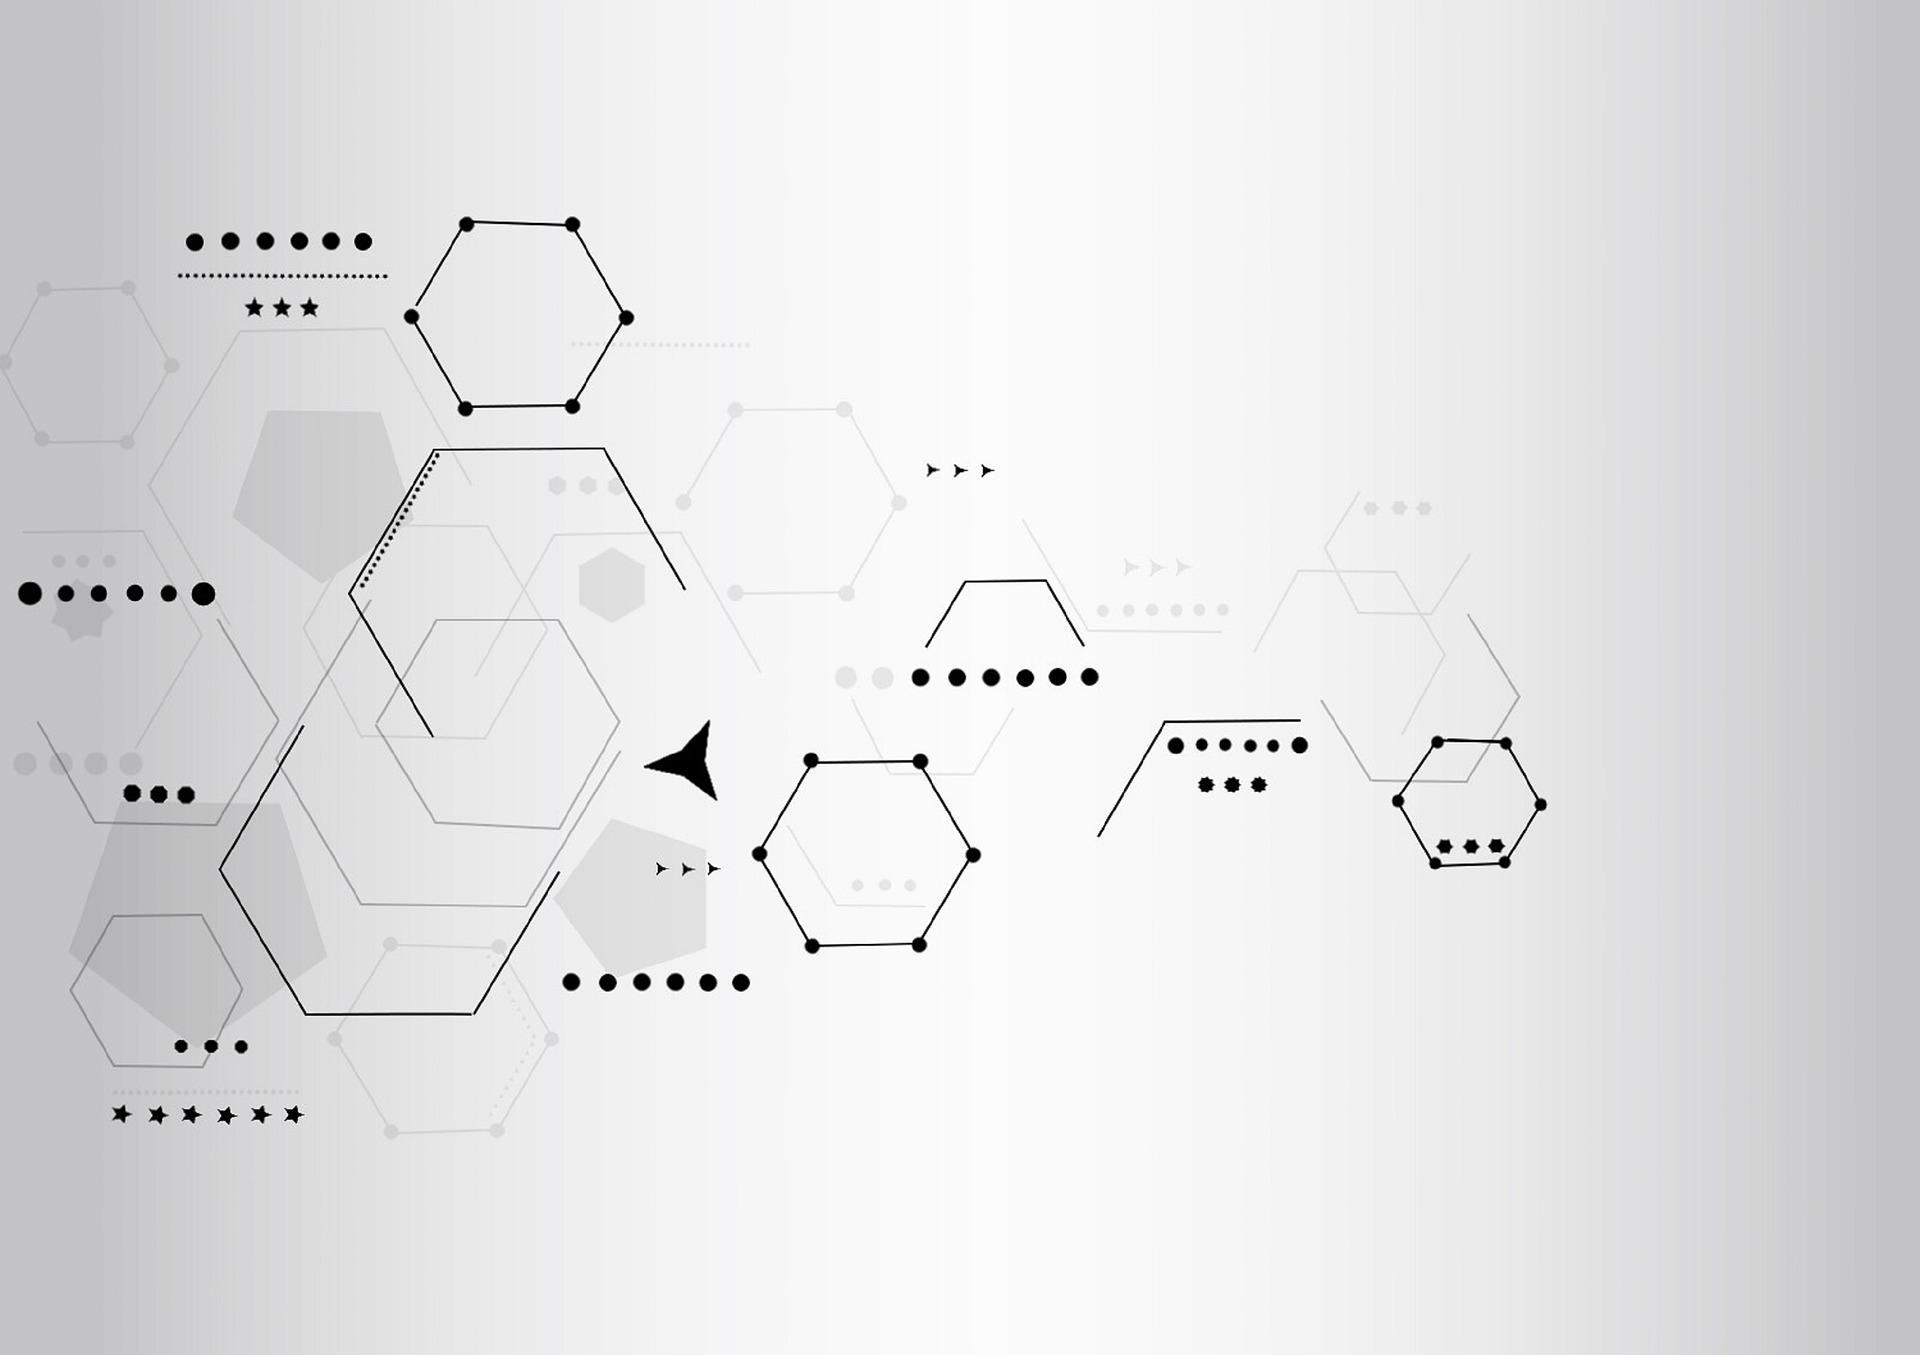 Molecule sketches